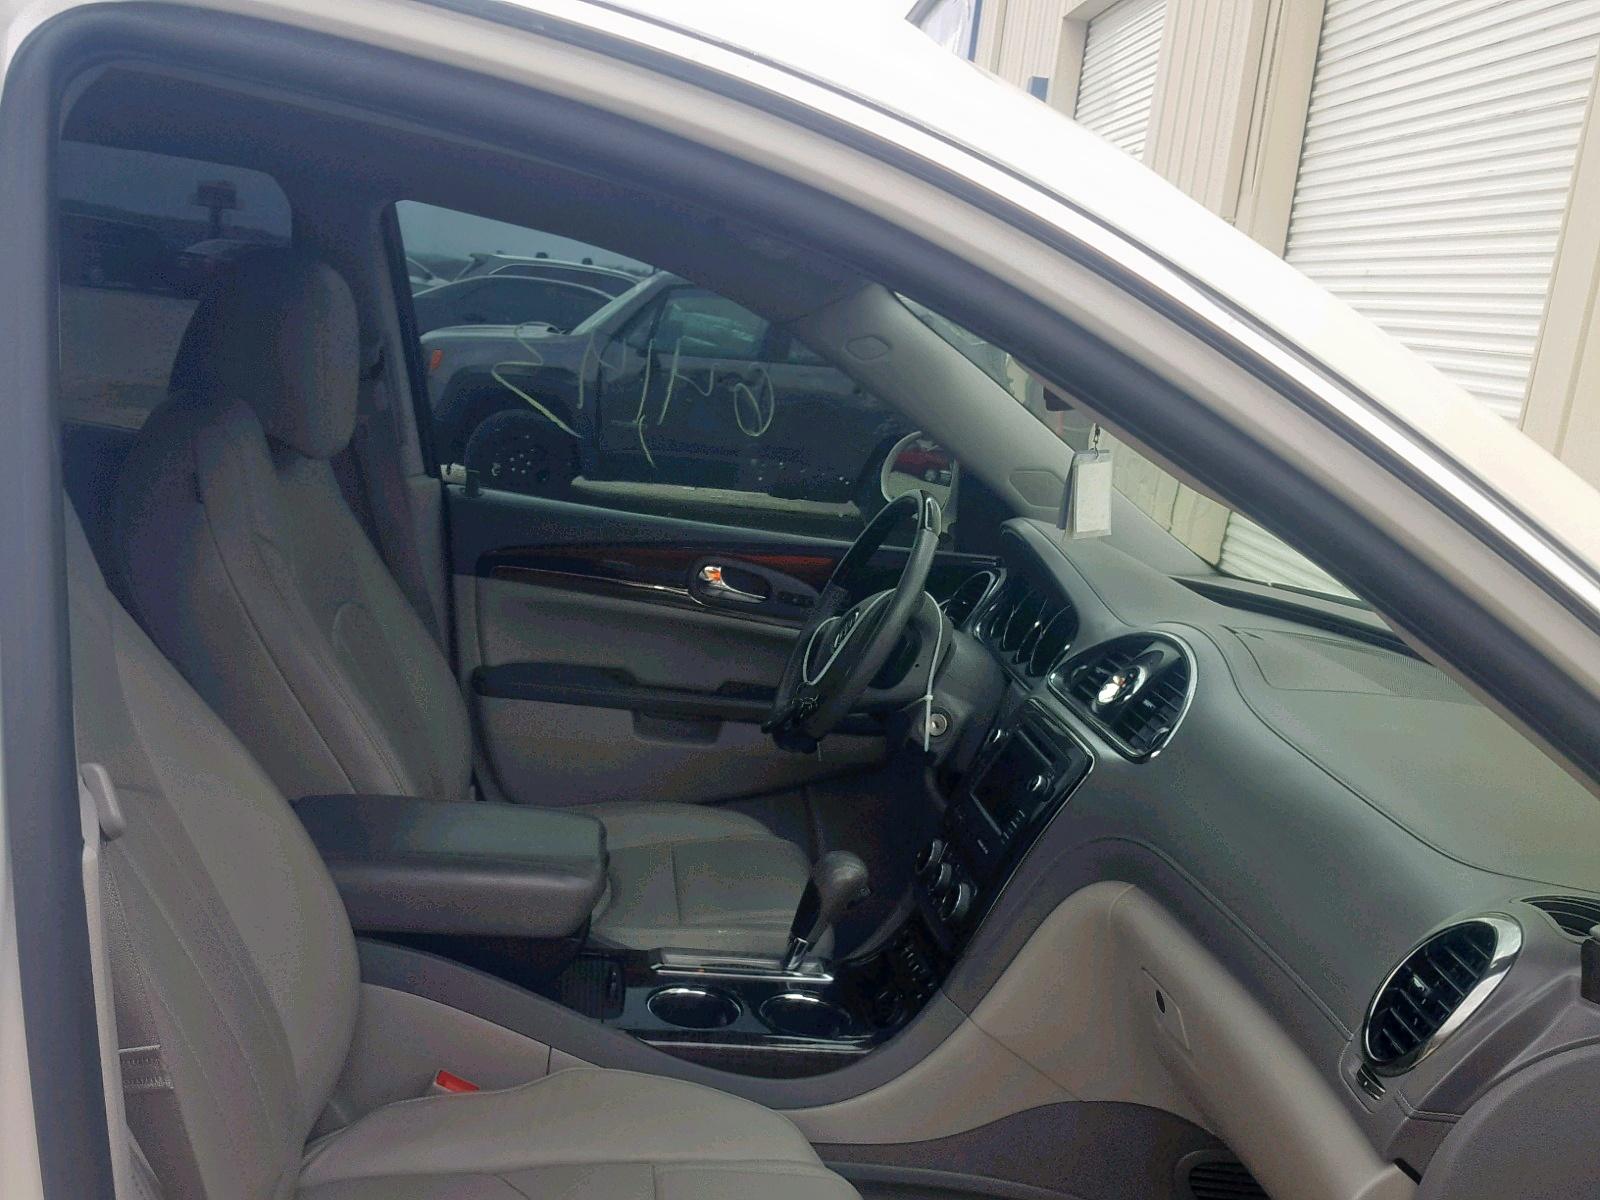 5GAKRBKD2FJ121885 - 2015 Buick Enclave 3.6L close up View